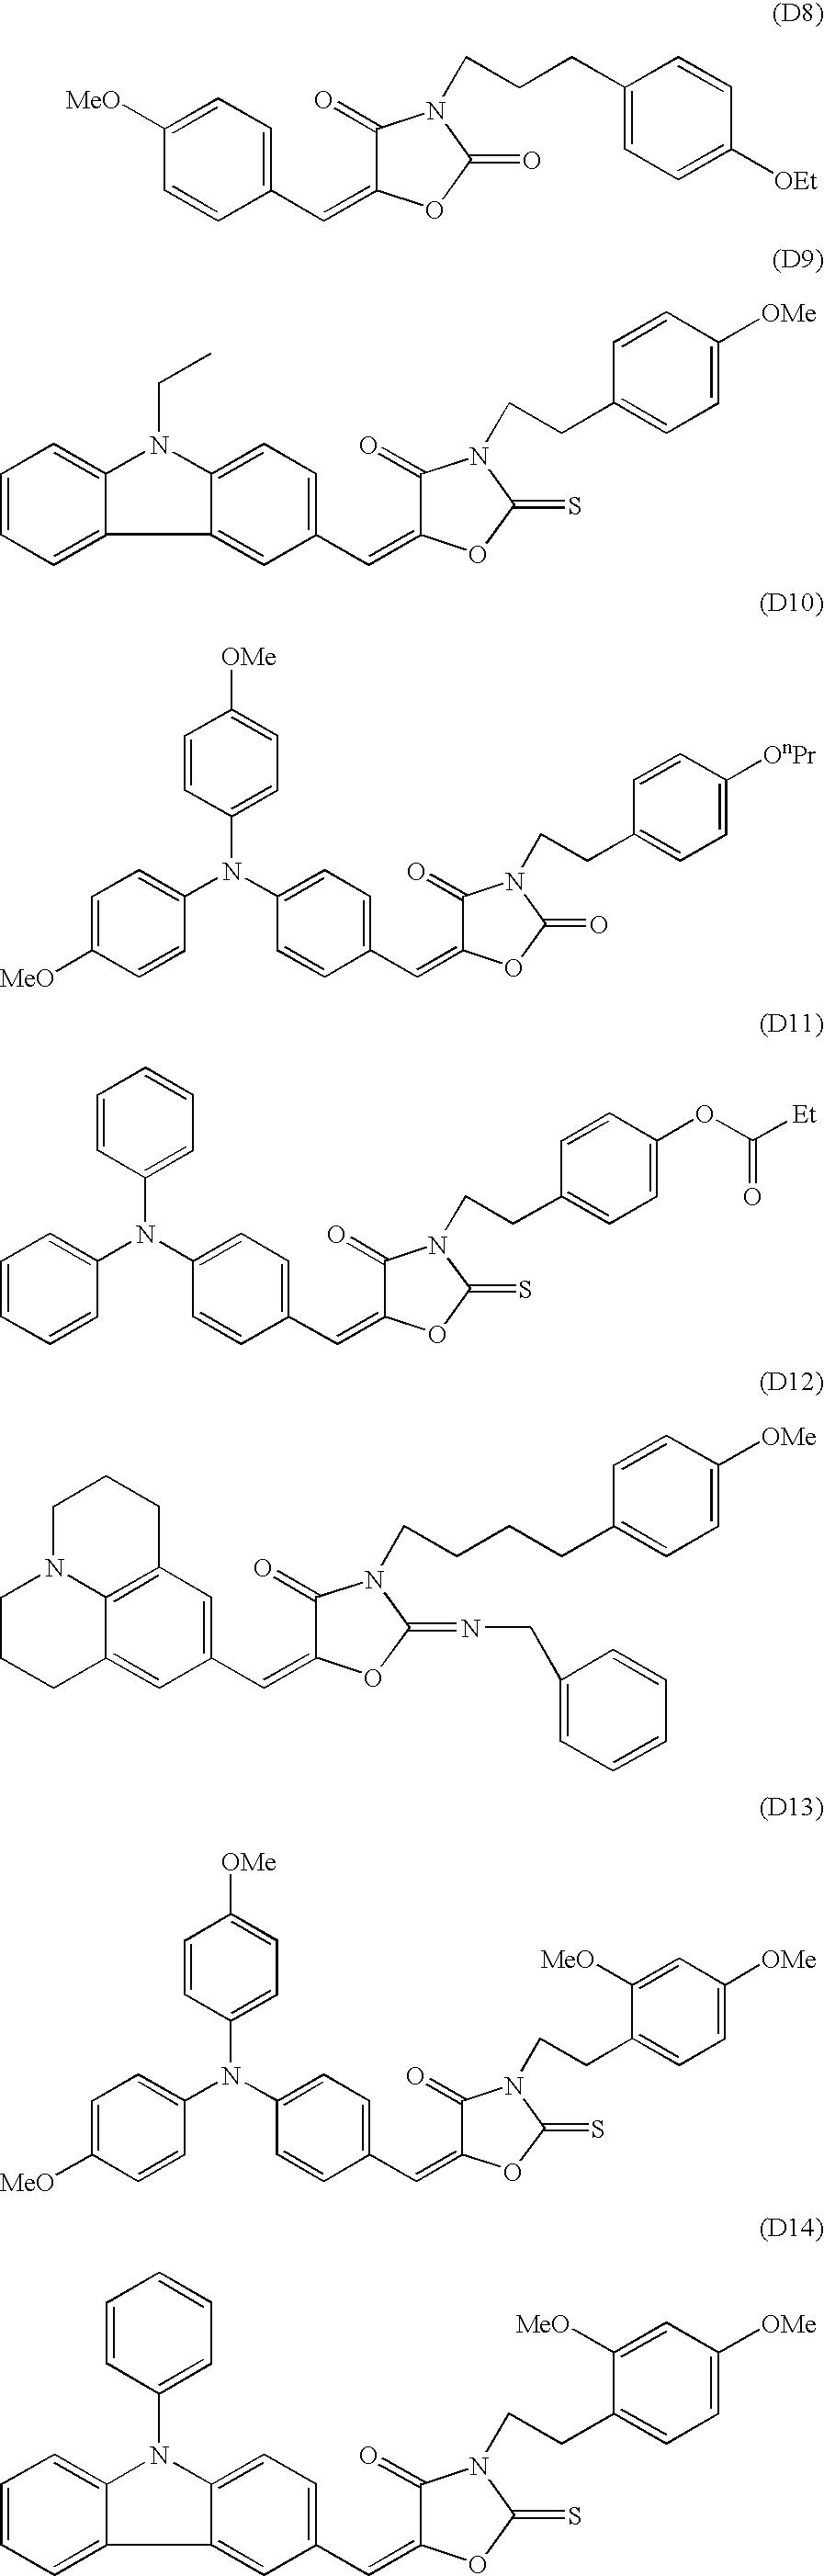 Figure US20040224257A1-20041111-C00008